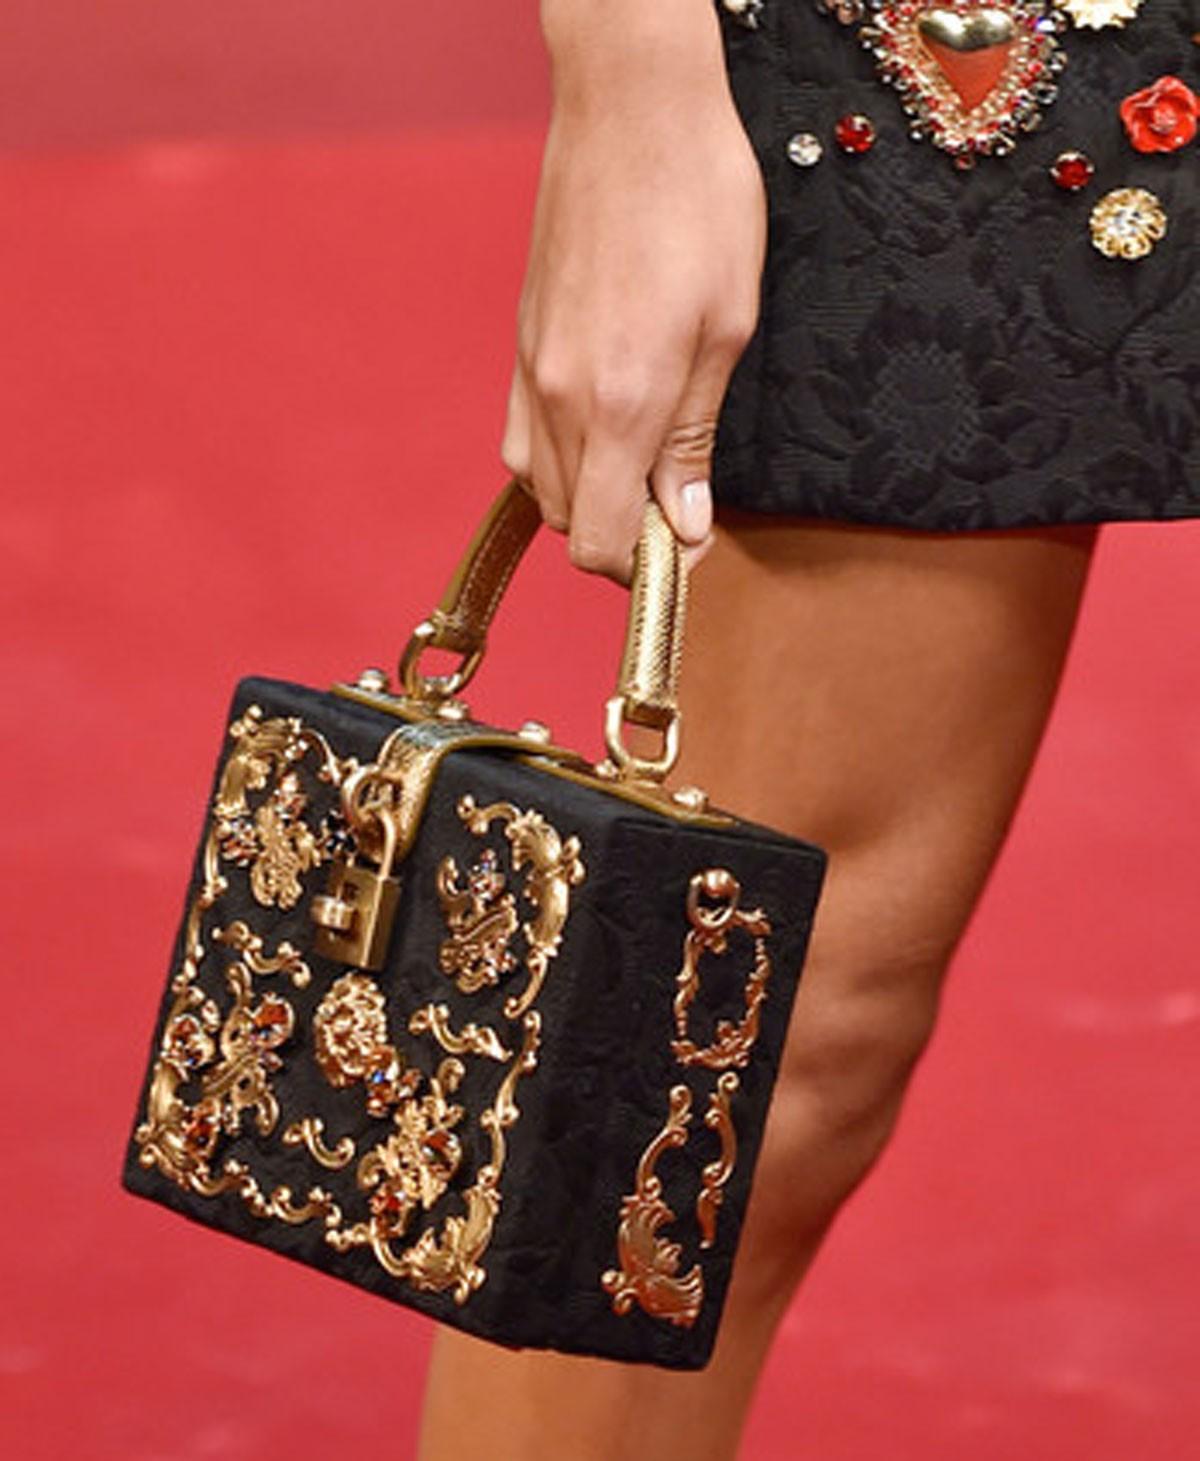 модные женские сумки 2018: сумочка чемодан с золотым орнаментом